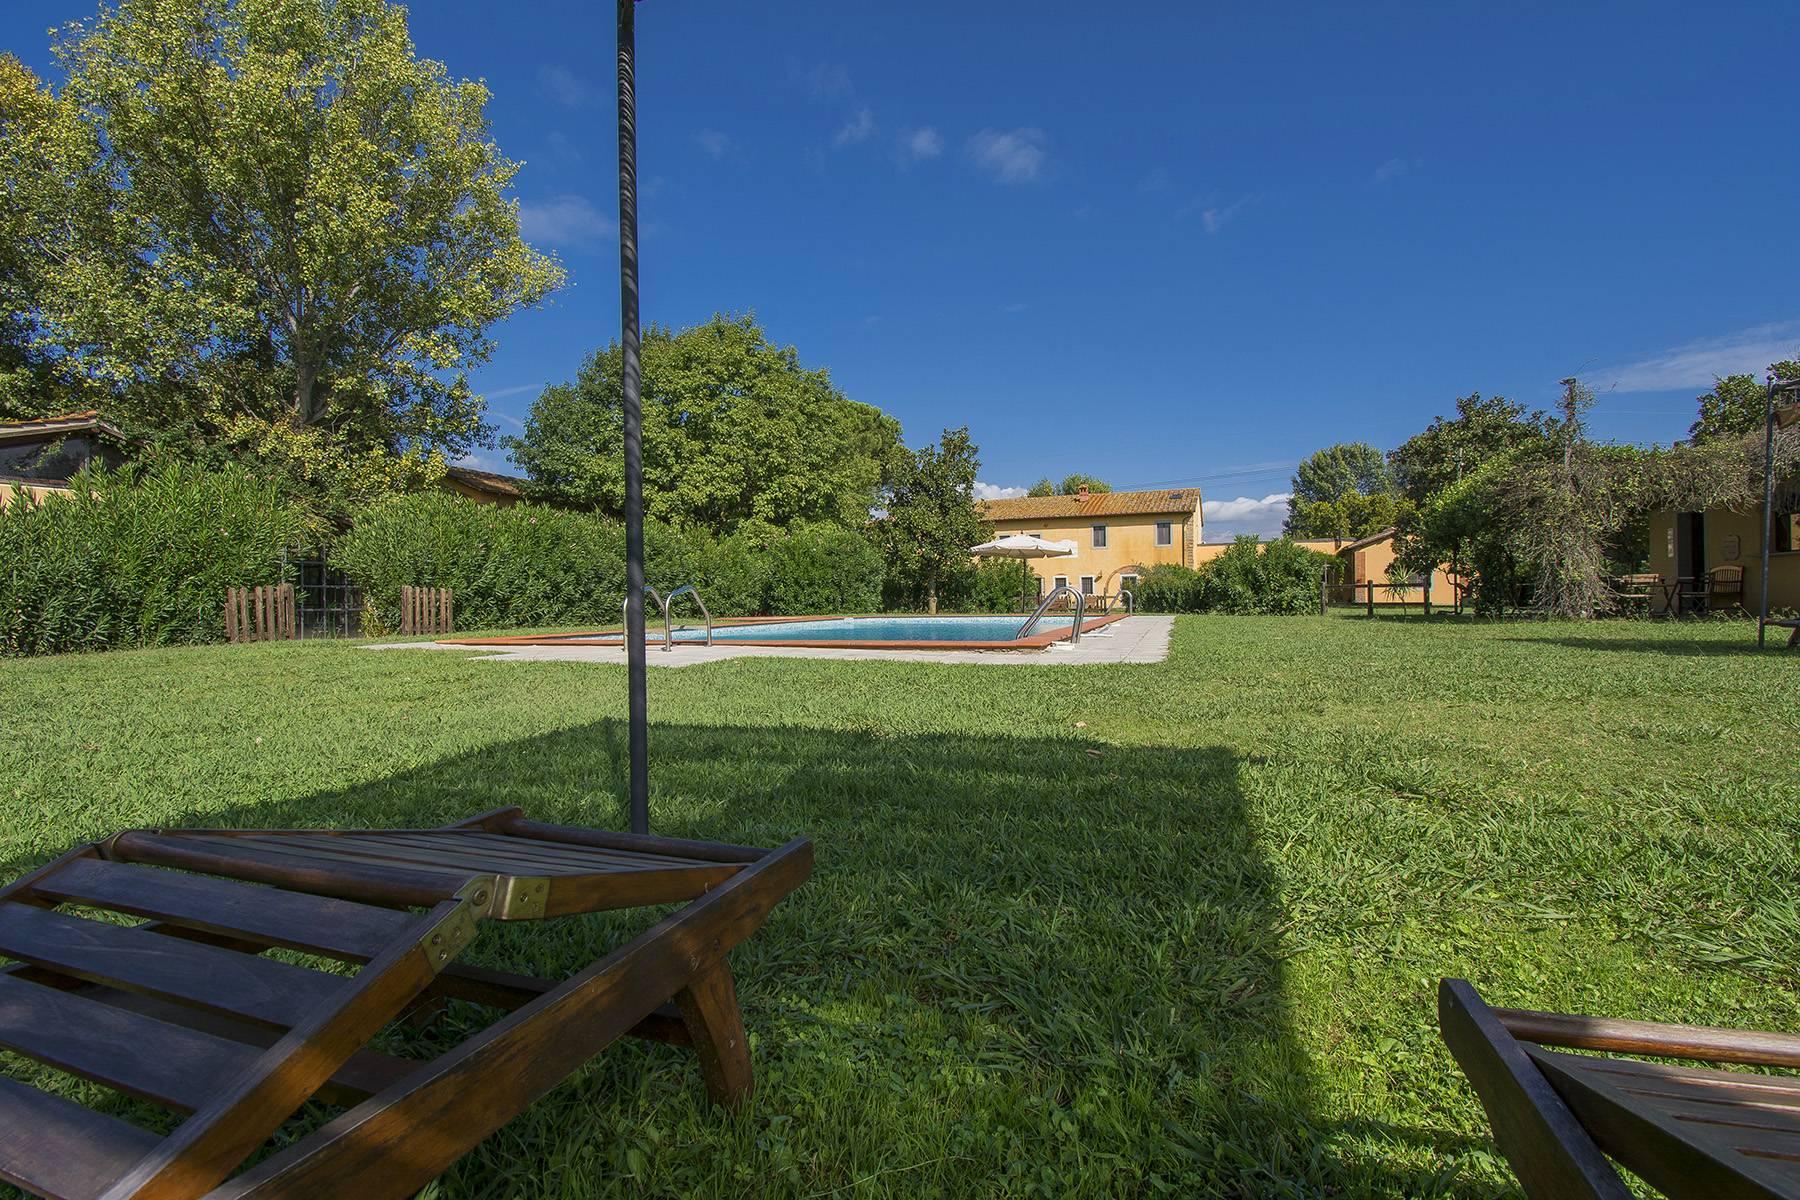 Bauernhaus mit Reitschule auf dem toskanischen Landschaft - 22